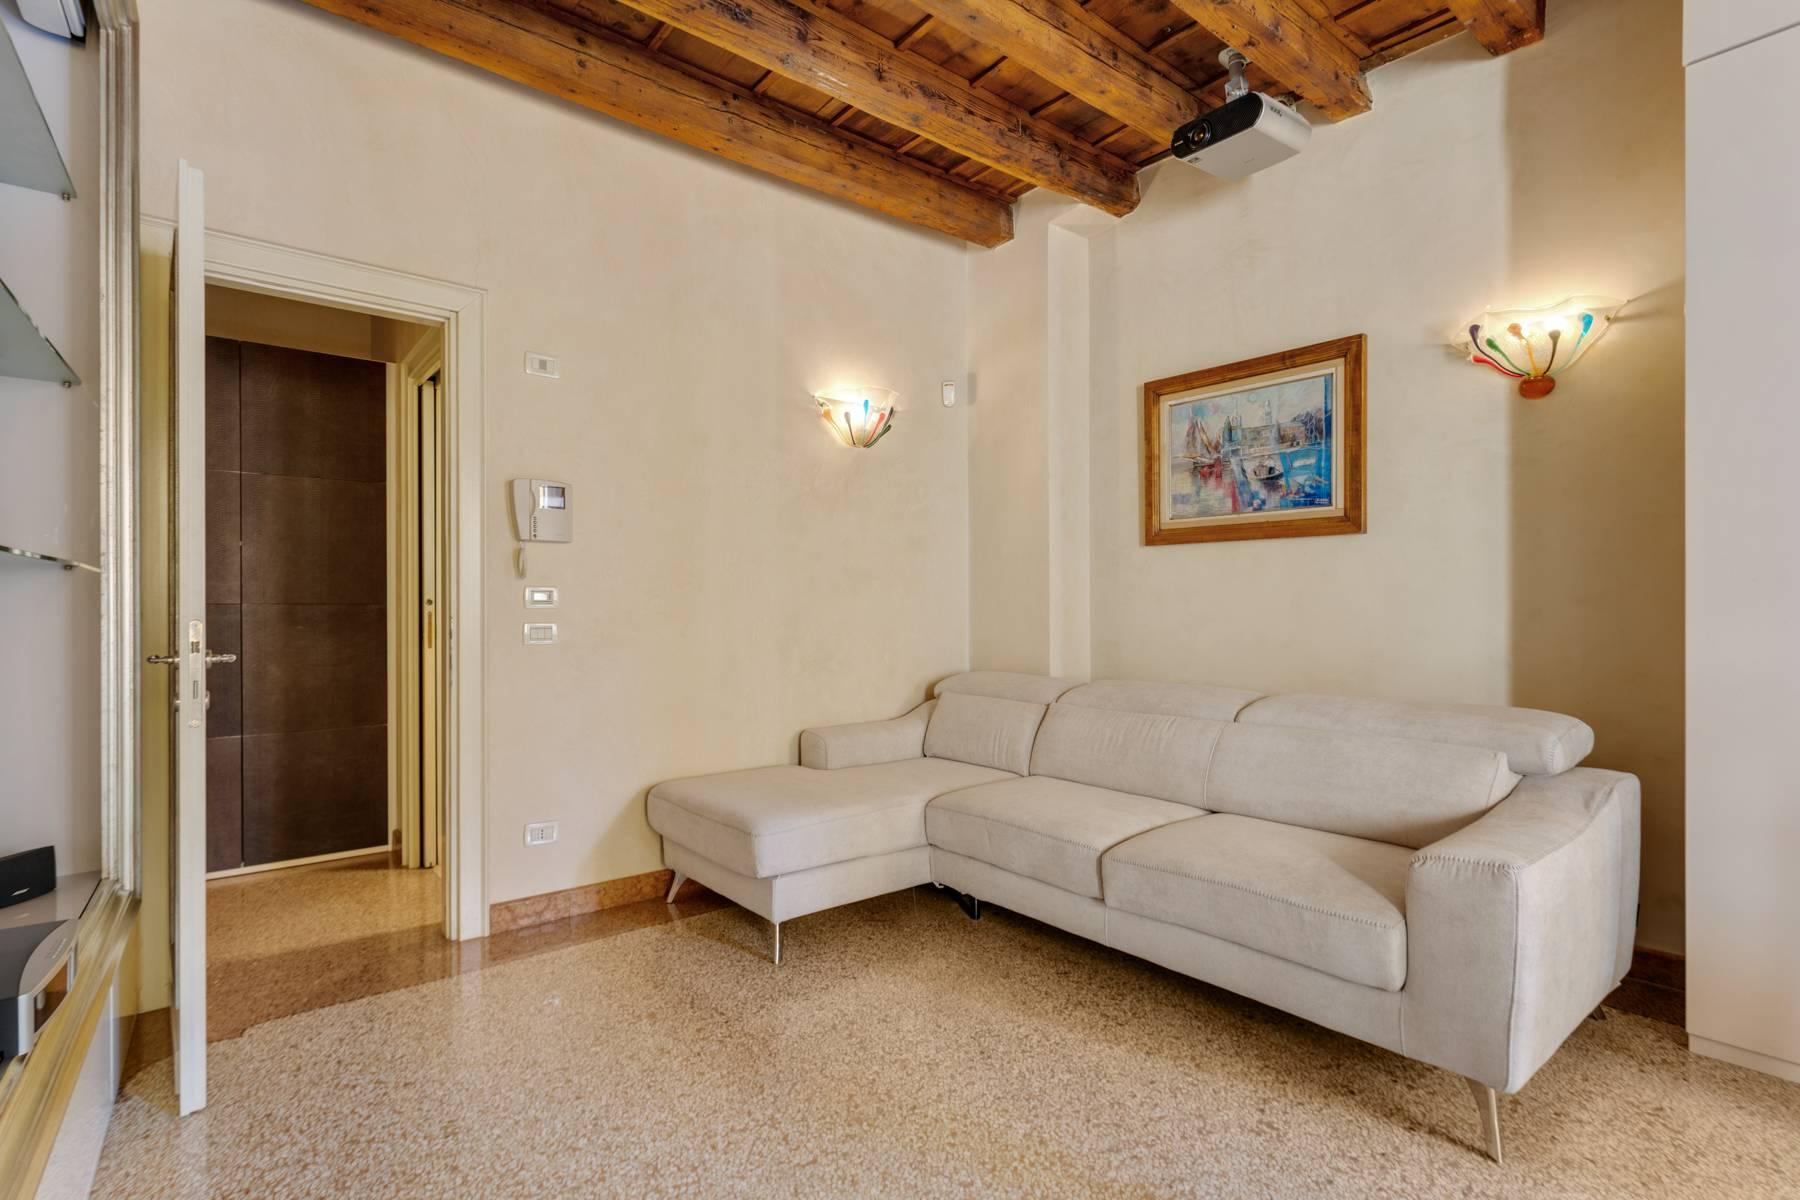 Appartamento in Vendita a Verona: 3 locali, 55 mq - Foto 17